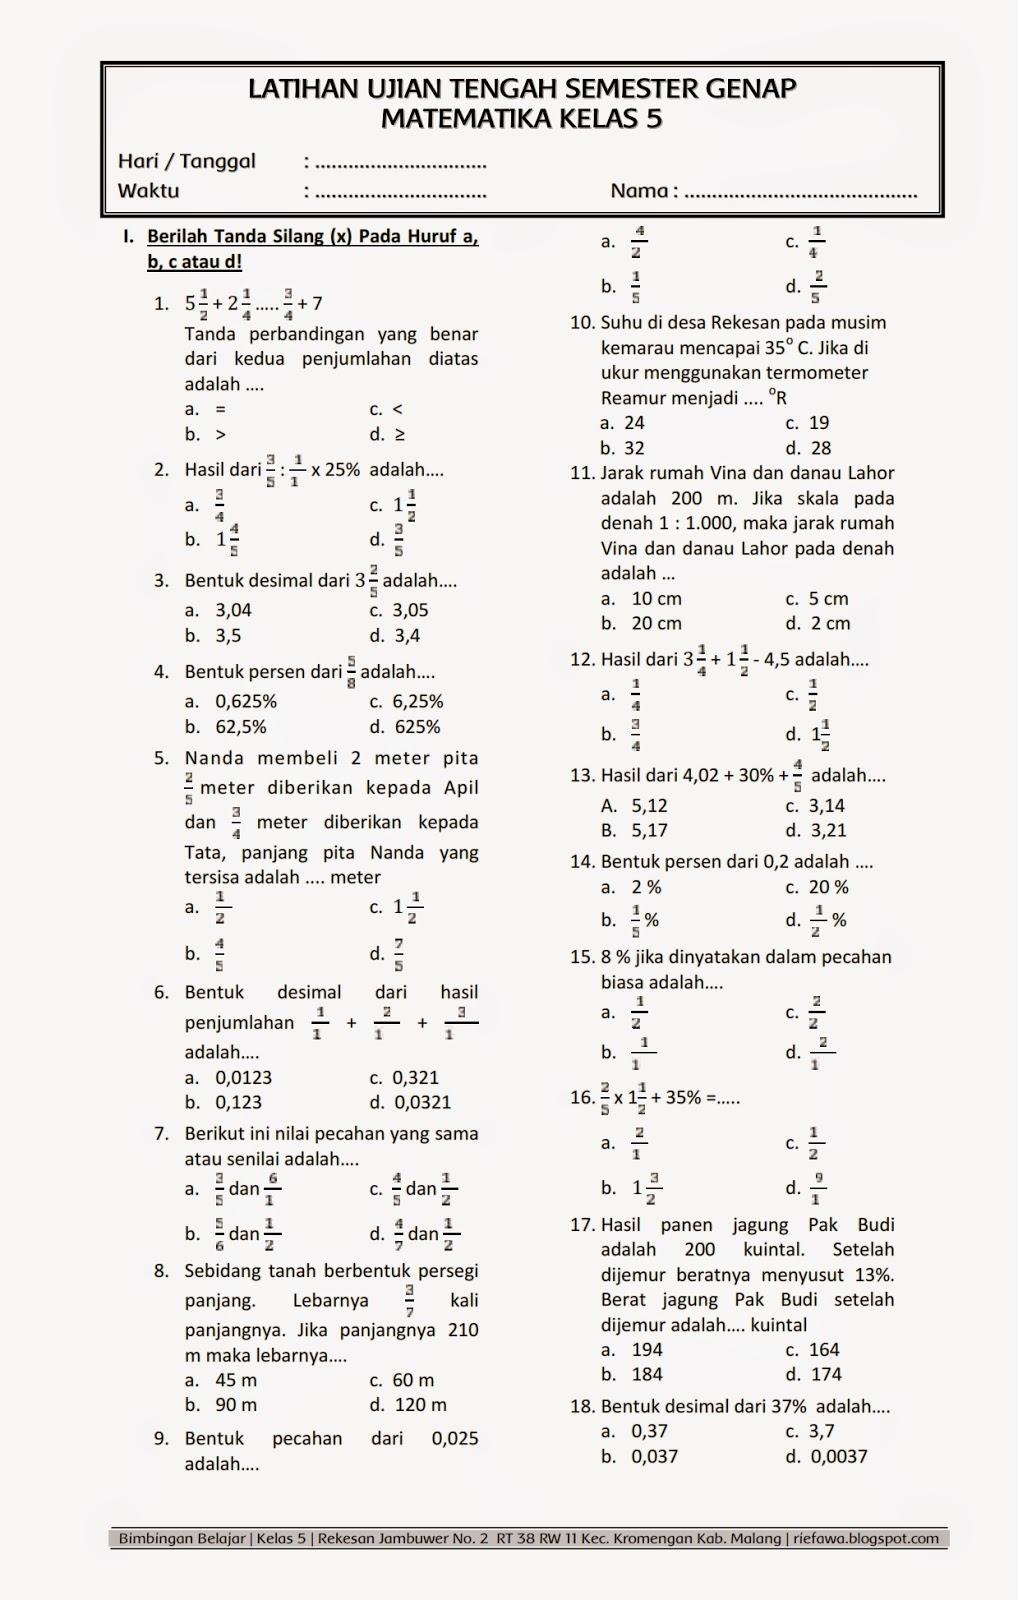 Soal Uts Matematika Kelas 5 Semester 1 Dan Kunci Jawabannya : matematika, kelas, semester, kunci, jawabannya, Contoh, Matematika, Kelas, Semester, Dapatkan